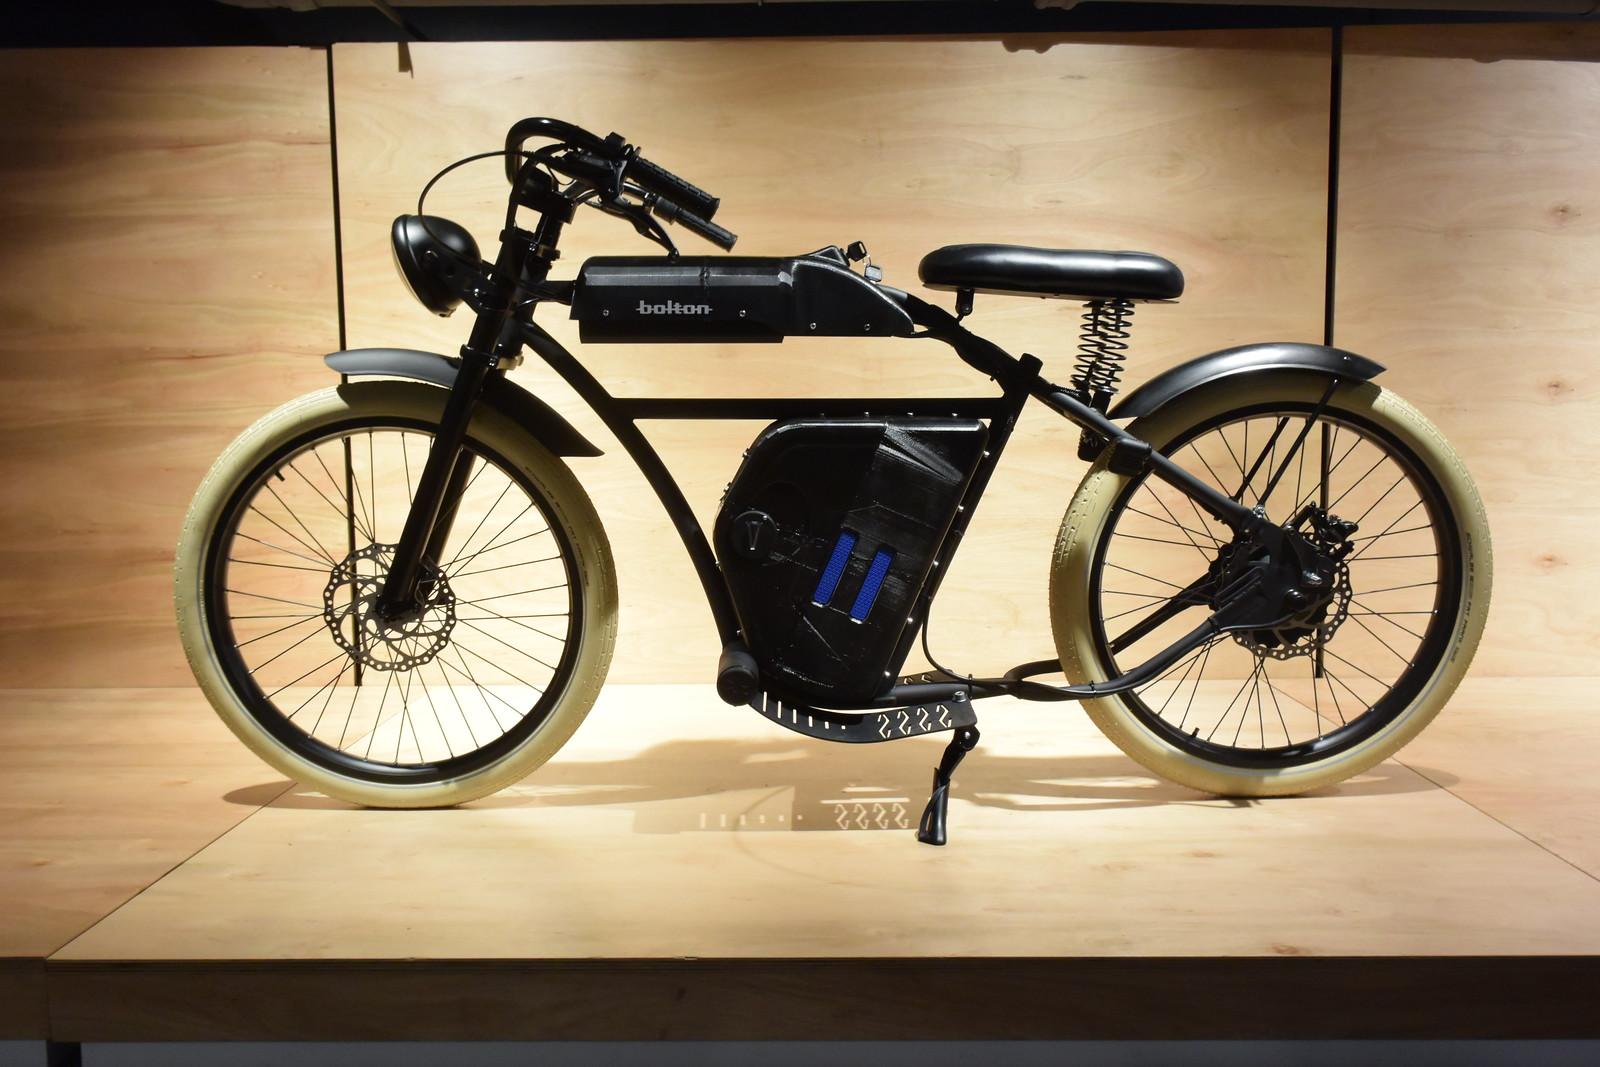 Recreación 19 - Motocicleta Bolton, proyecto de Diego Sangenis, de la Licenciatura en Diseño Industrial.